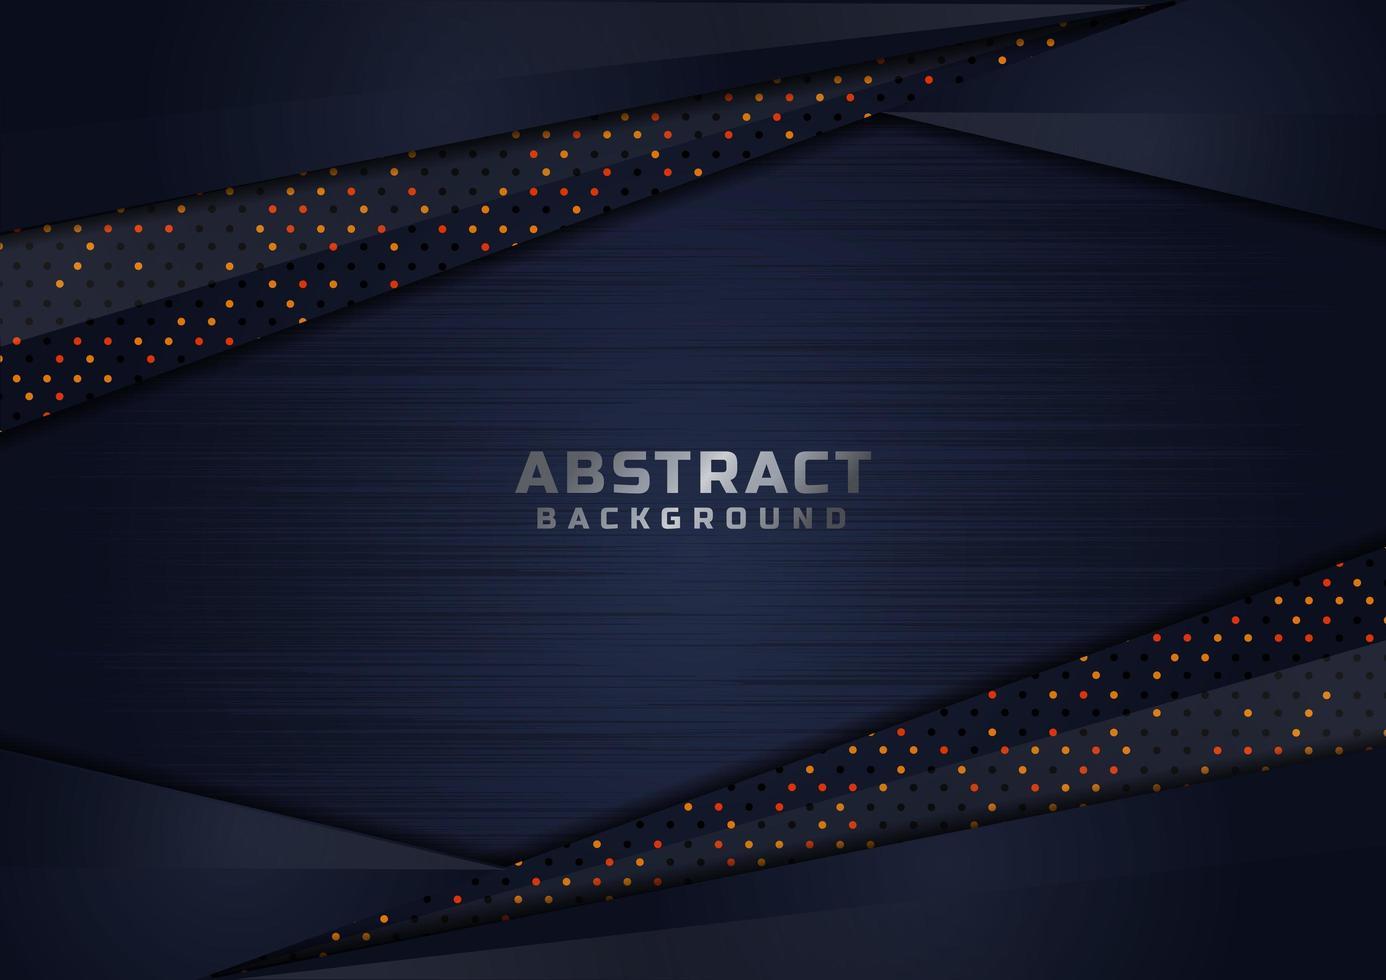 abstracte donkerblauwe overlappende glinsterende vormen luxe achtergrond vector